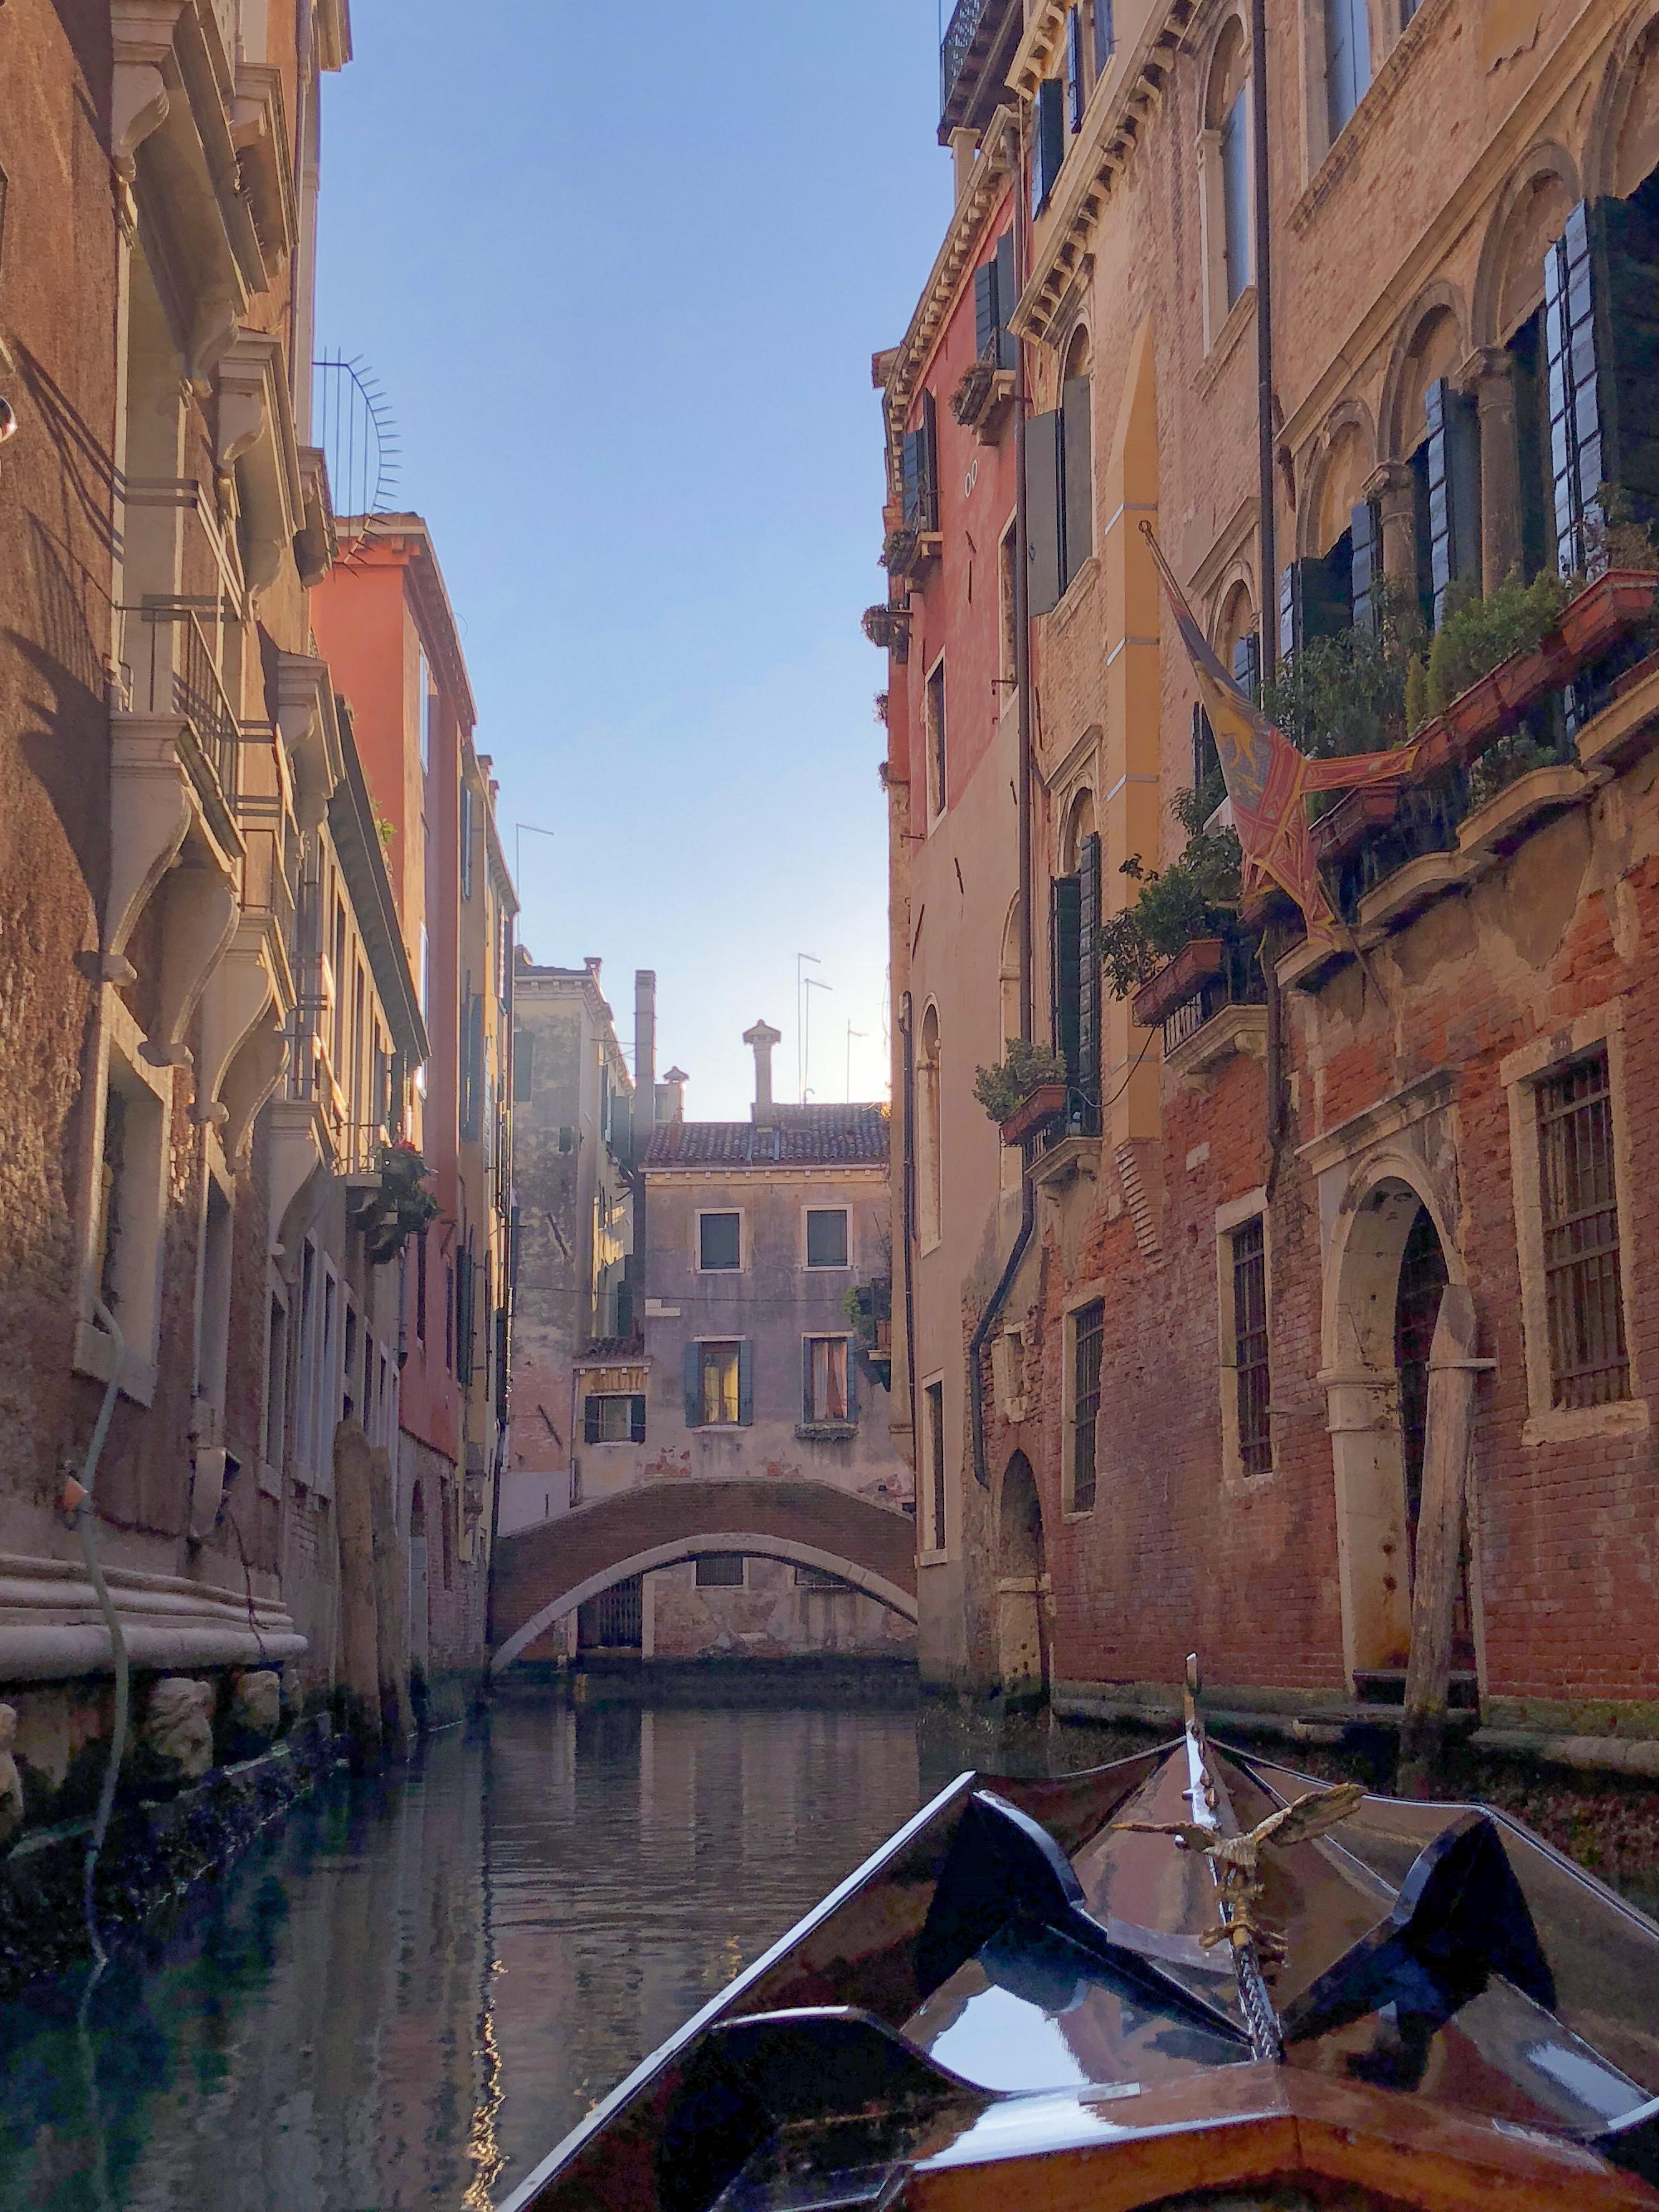 Passeio de gondola em Veneza